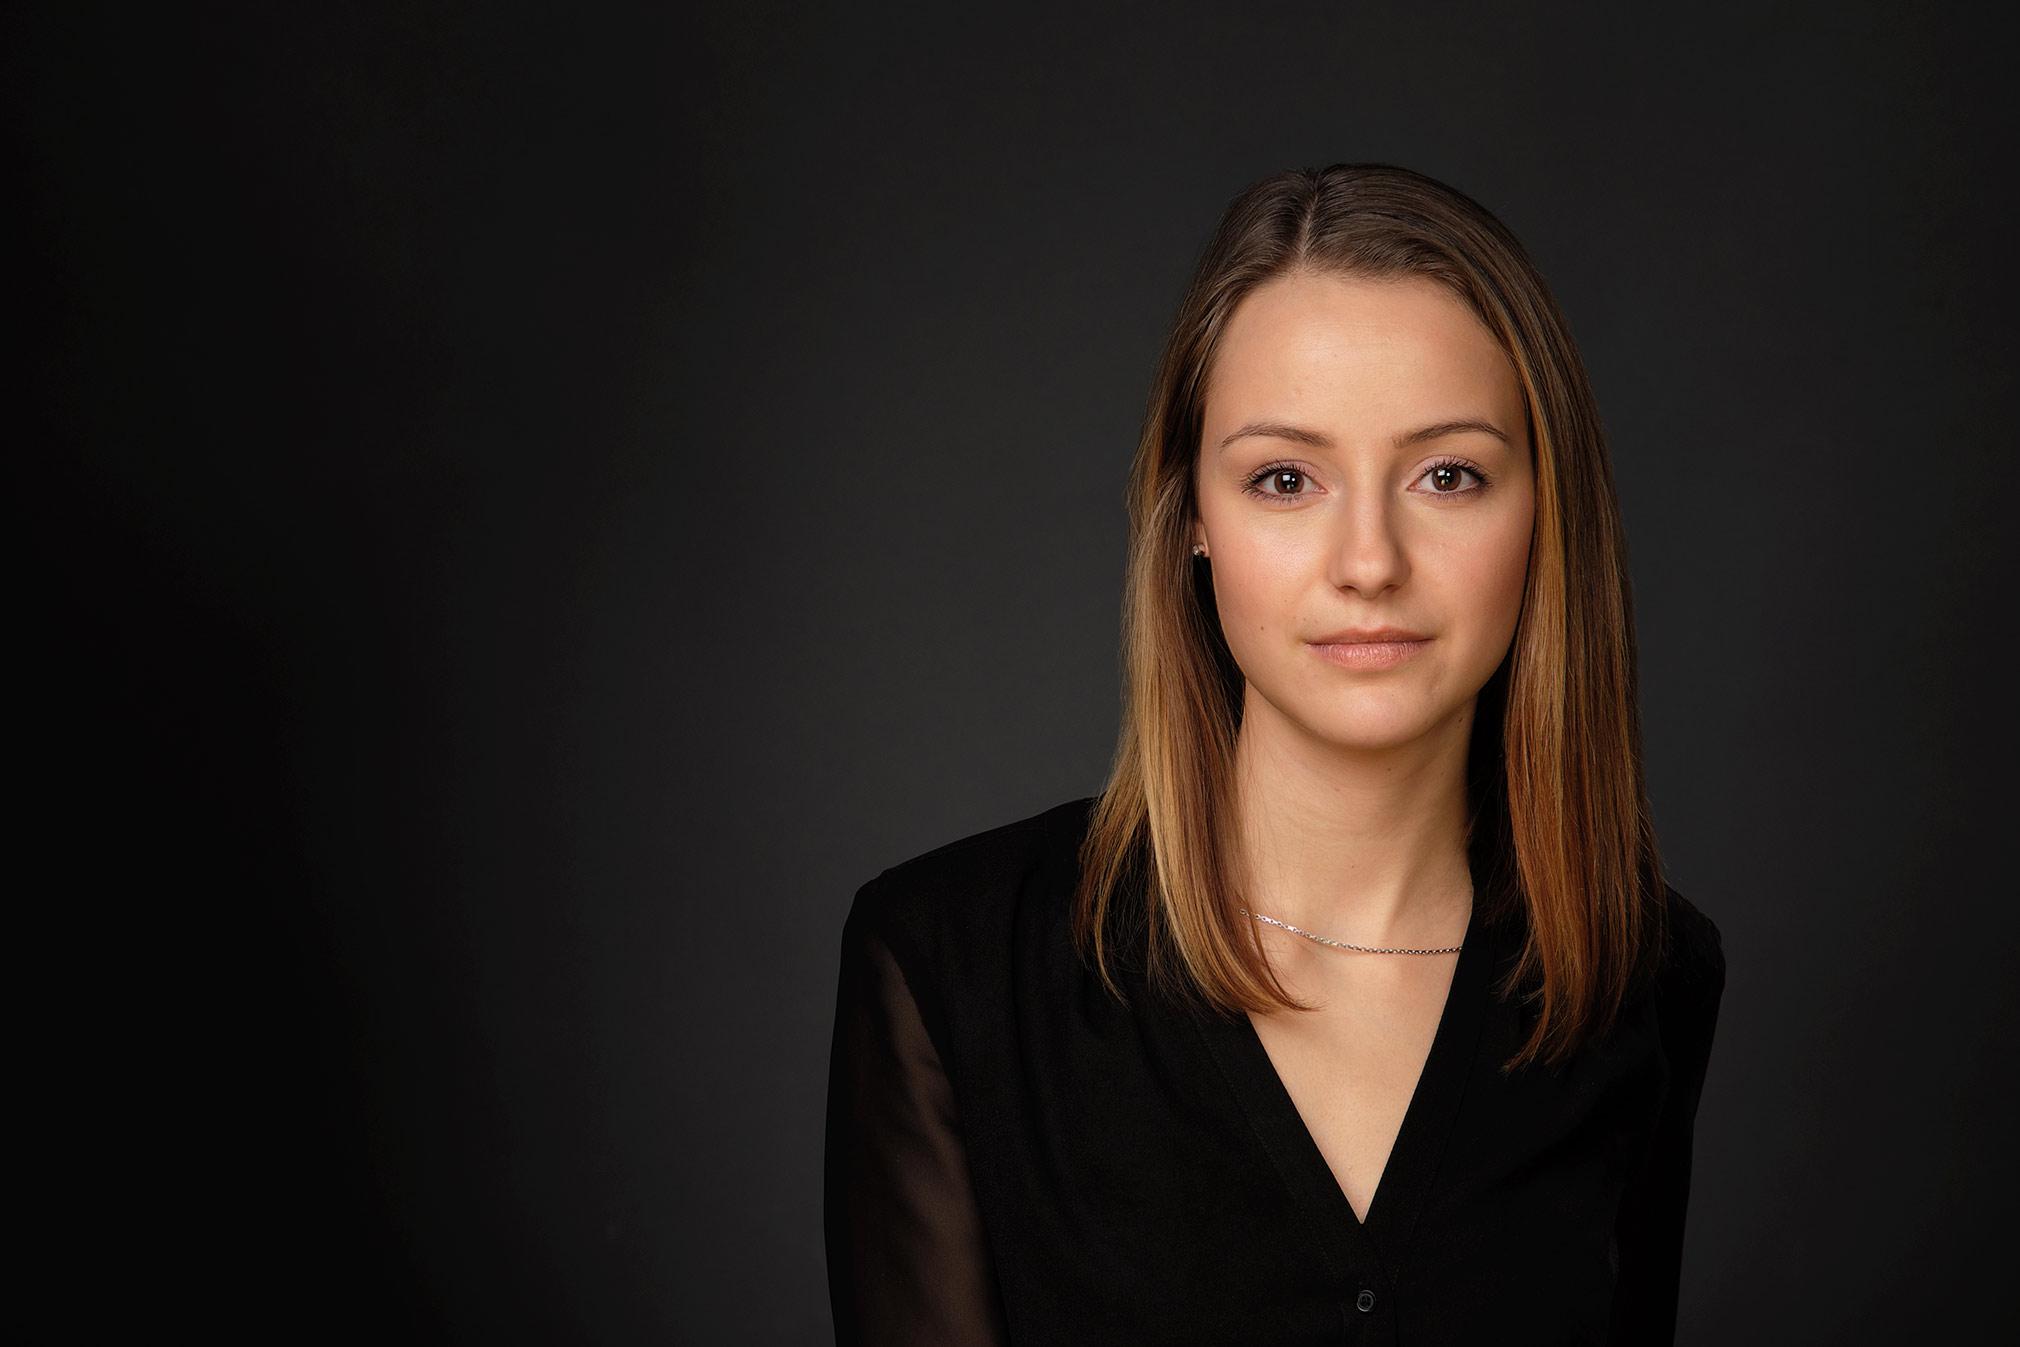 Das Bild zeigt ein Bewerbungsfoto einer brünetten jungen Frau in schwarzem Top mit V Ausschnitt vor dunklem Hintergrund